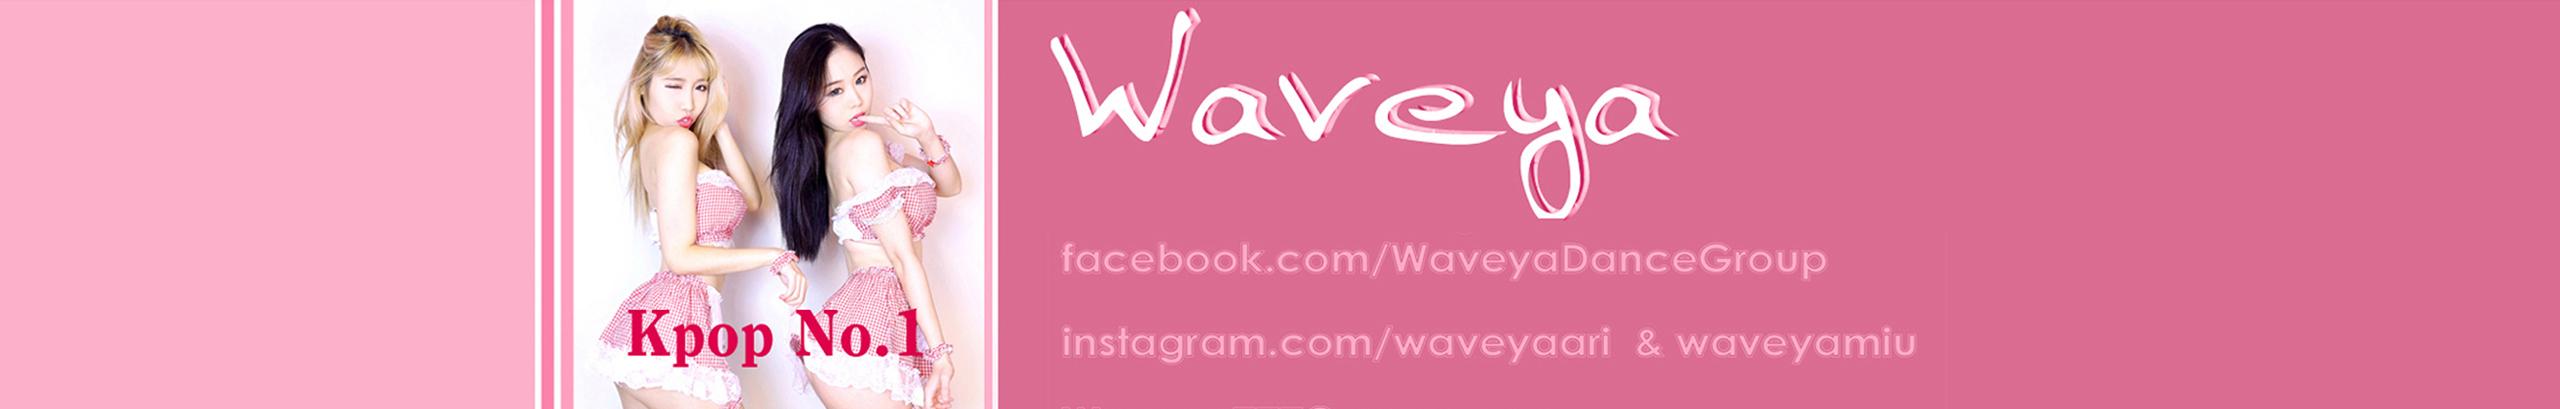 Waveya2011 banner